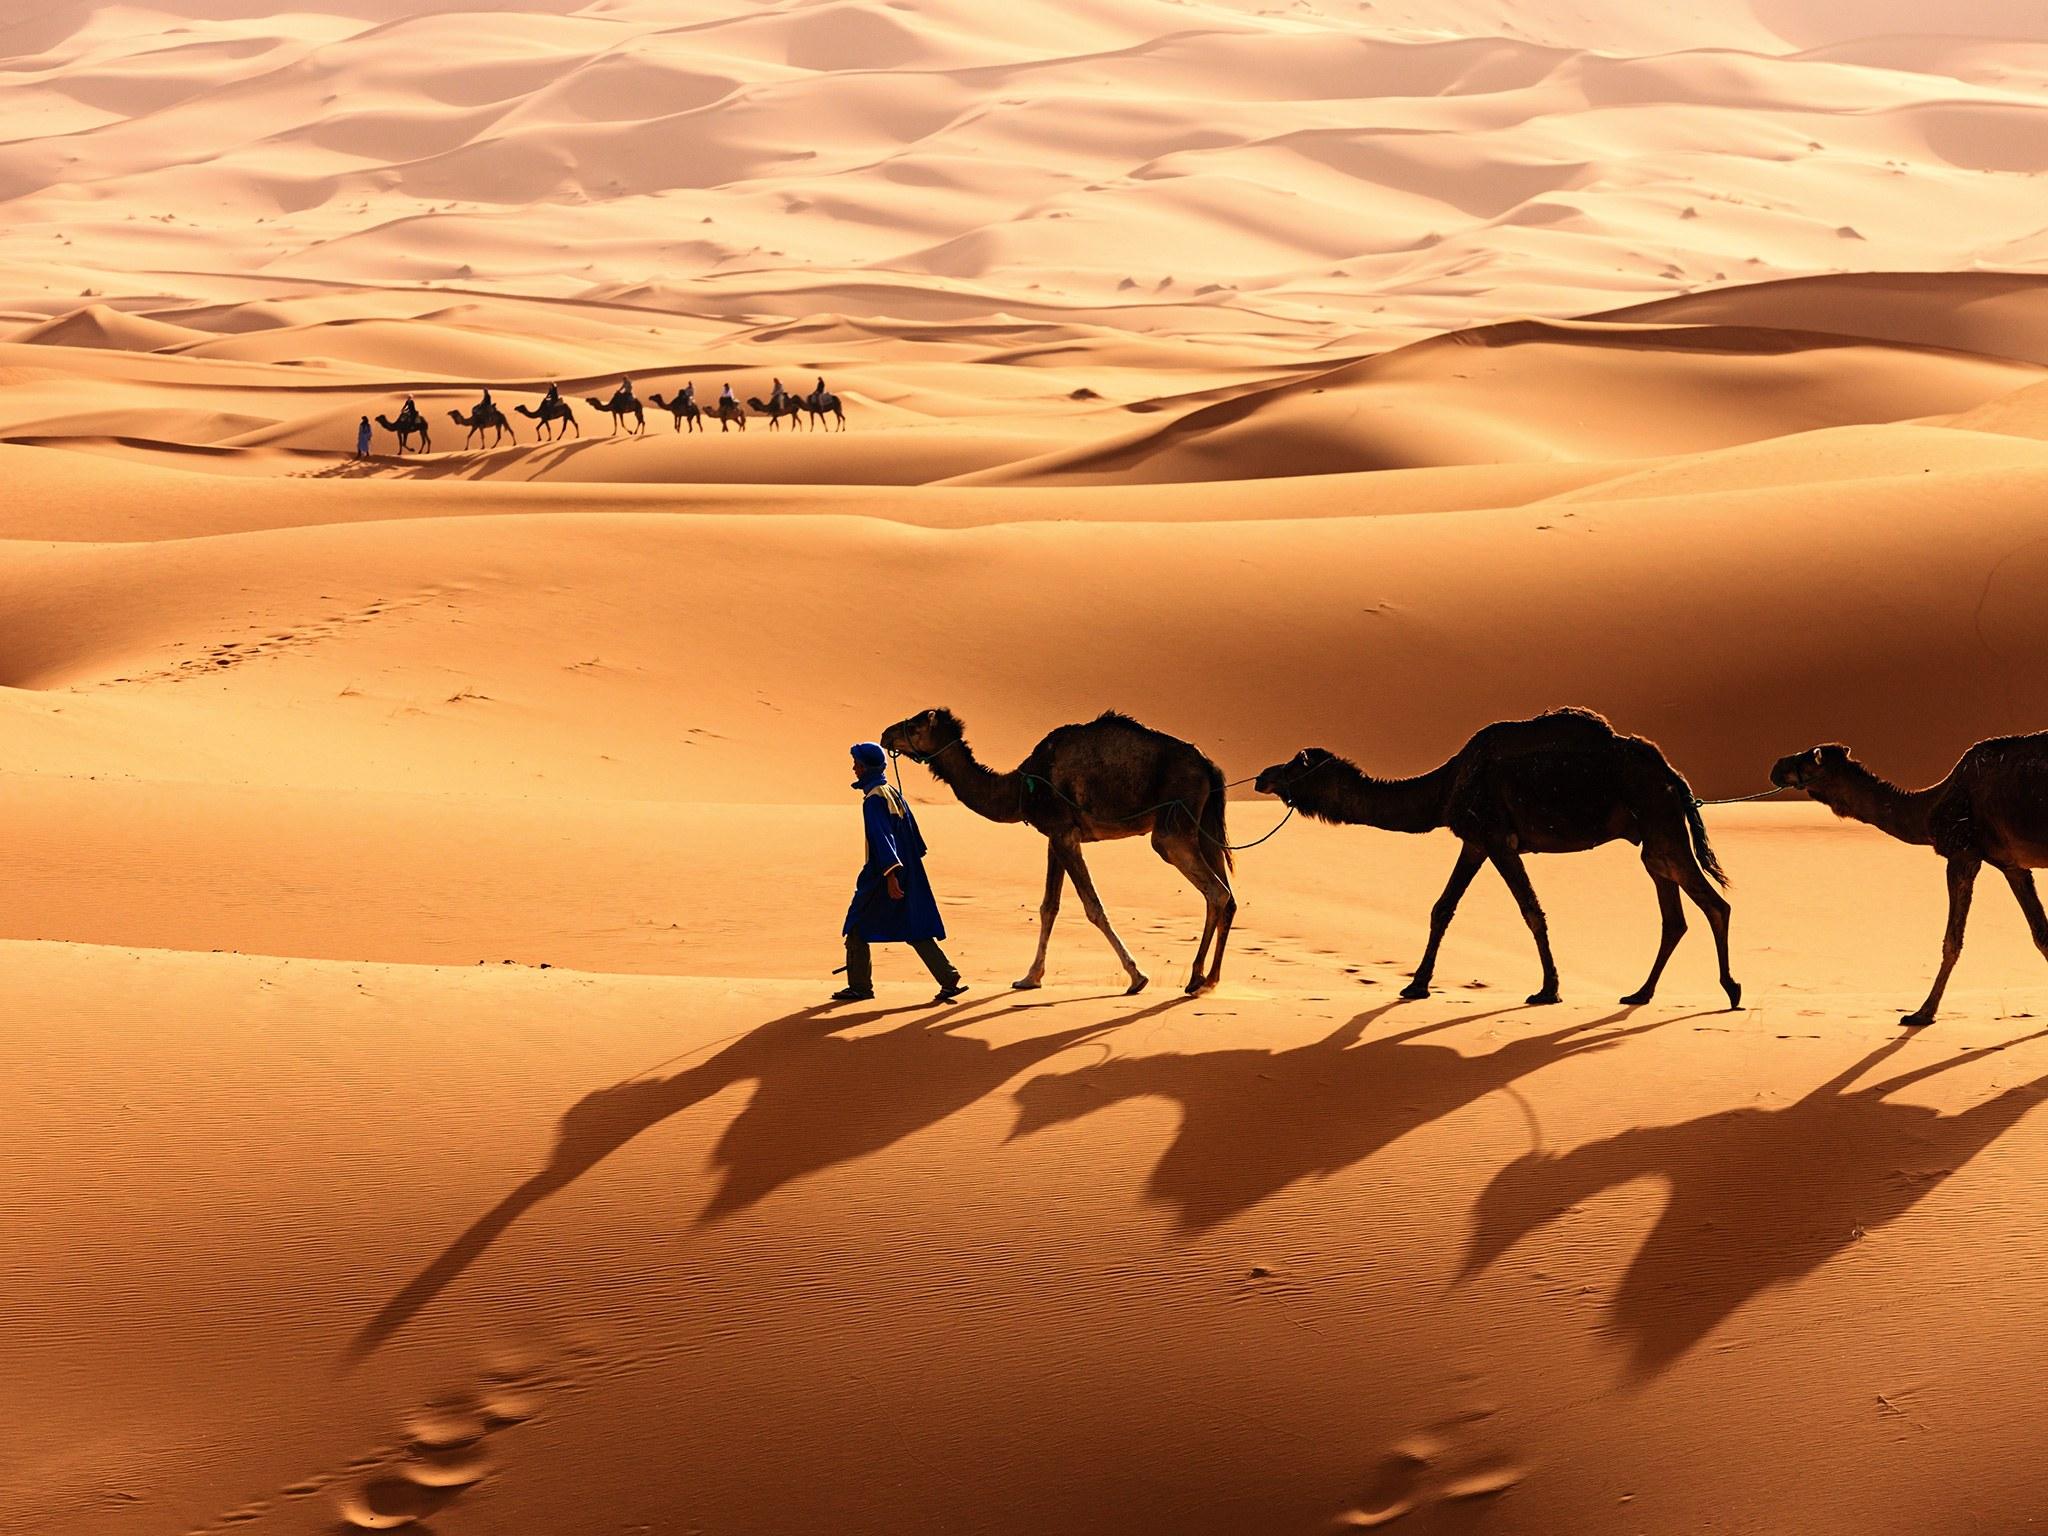 просто, постер пустыня и верблюды и люди будете просто жарить